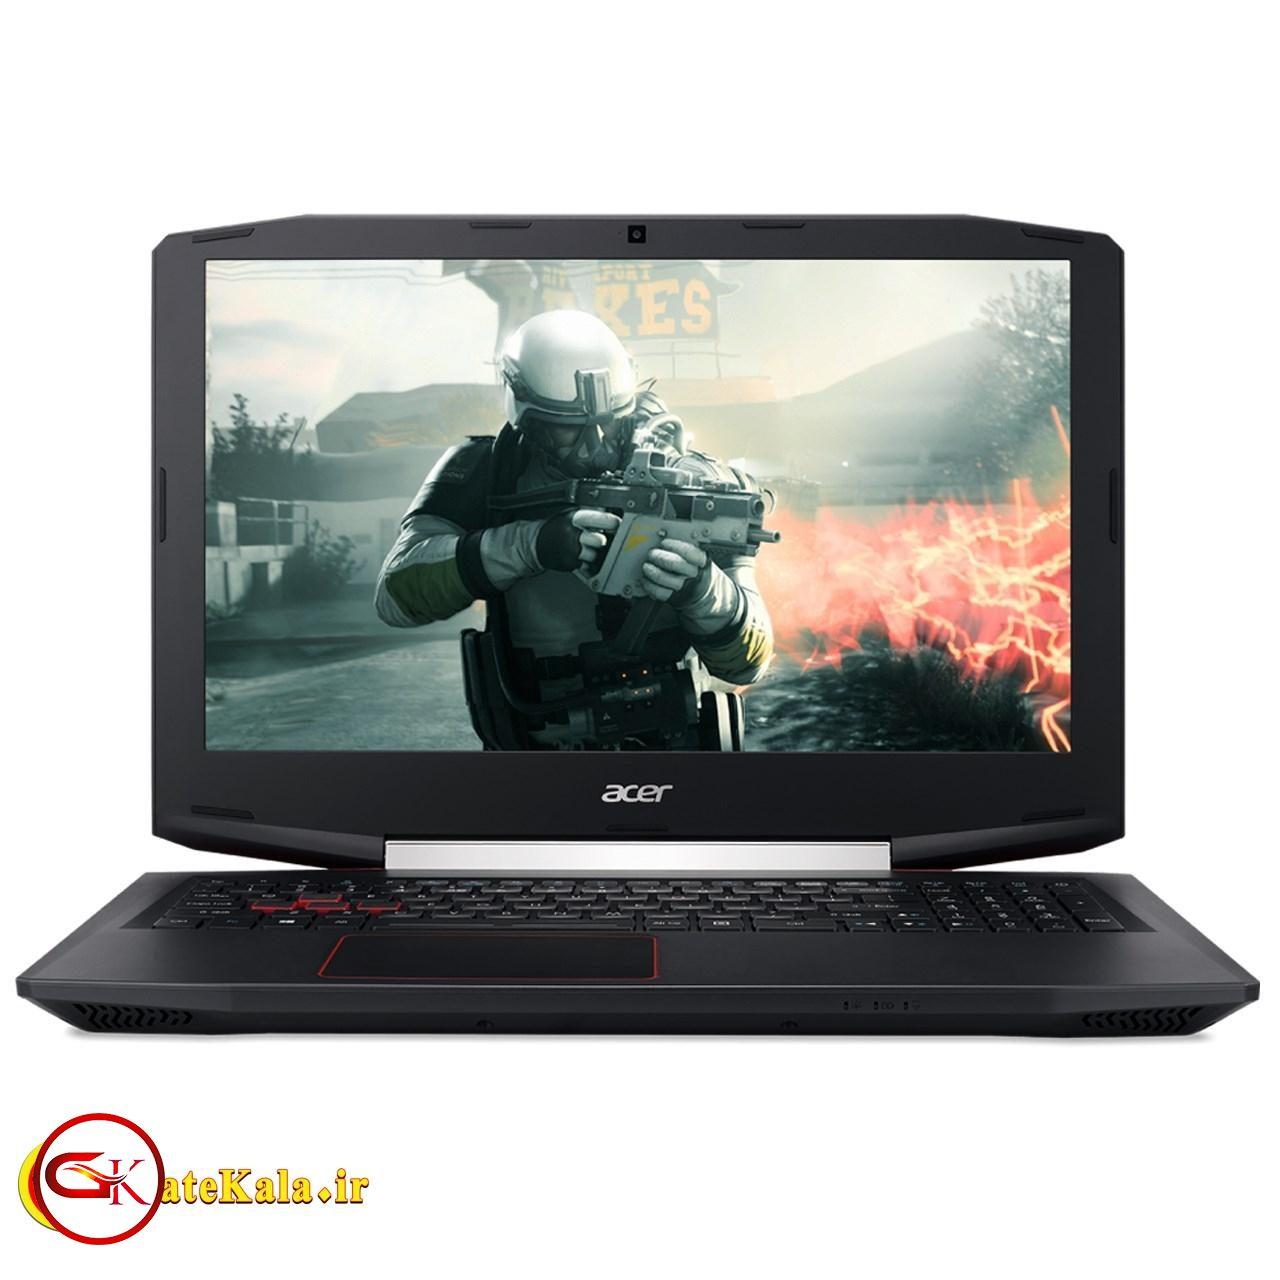 Aspire VX5 /i7/RAM 16GB/1000/4GB/FHD.15.6 inch